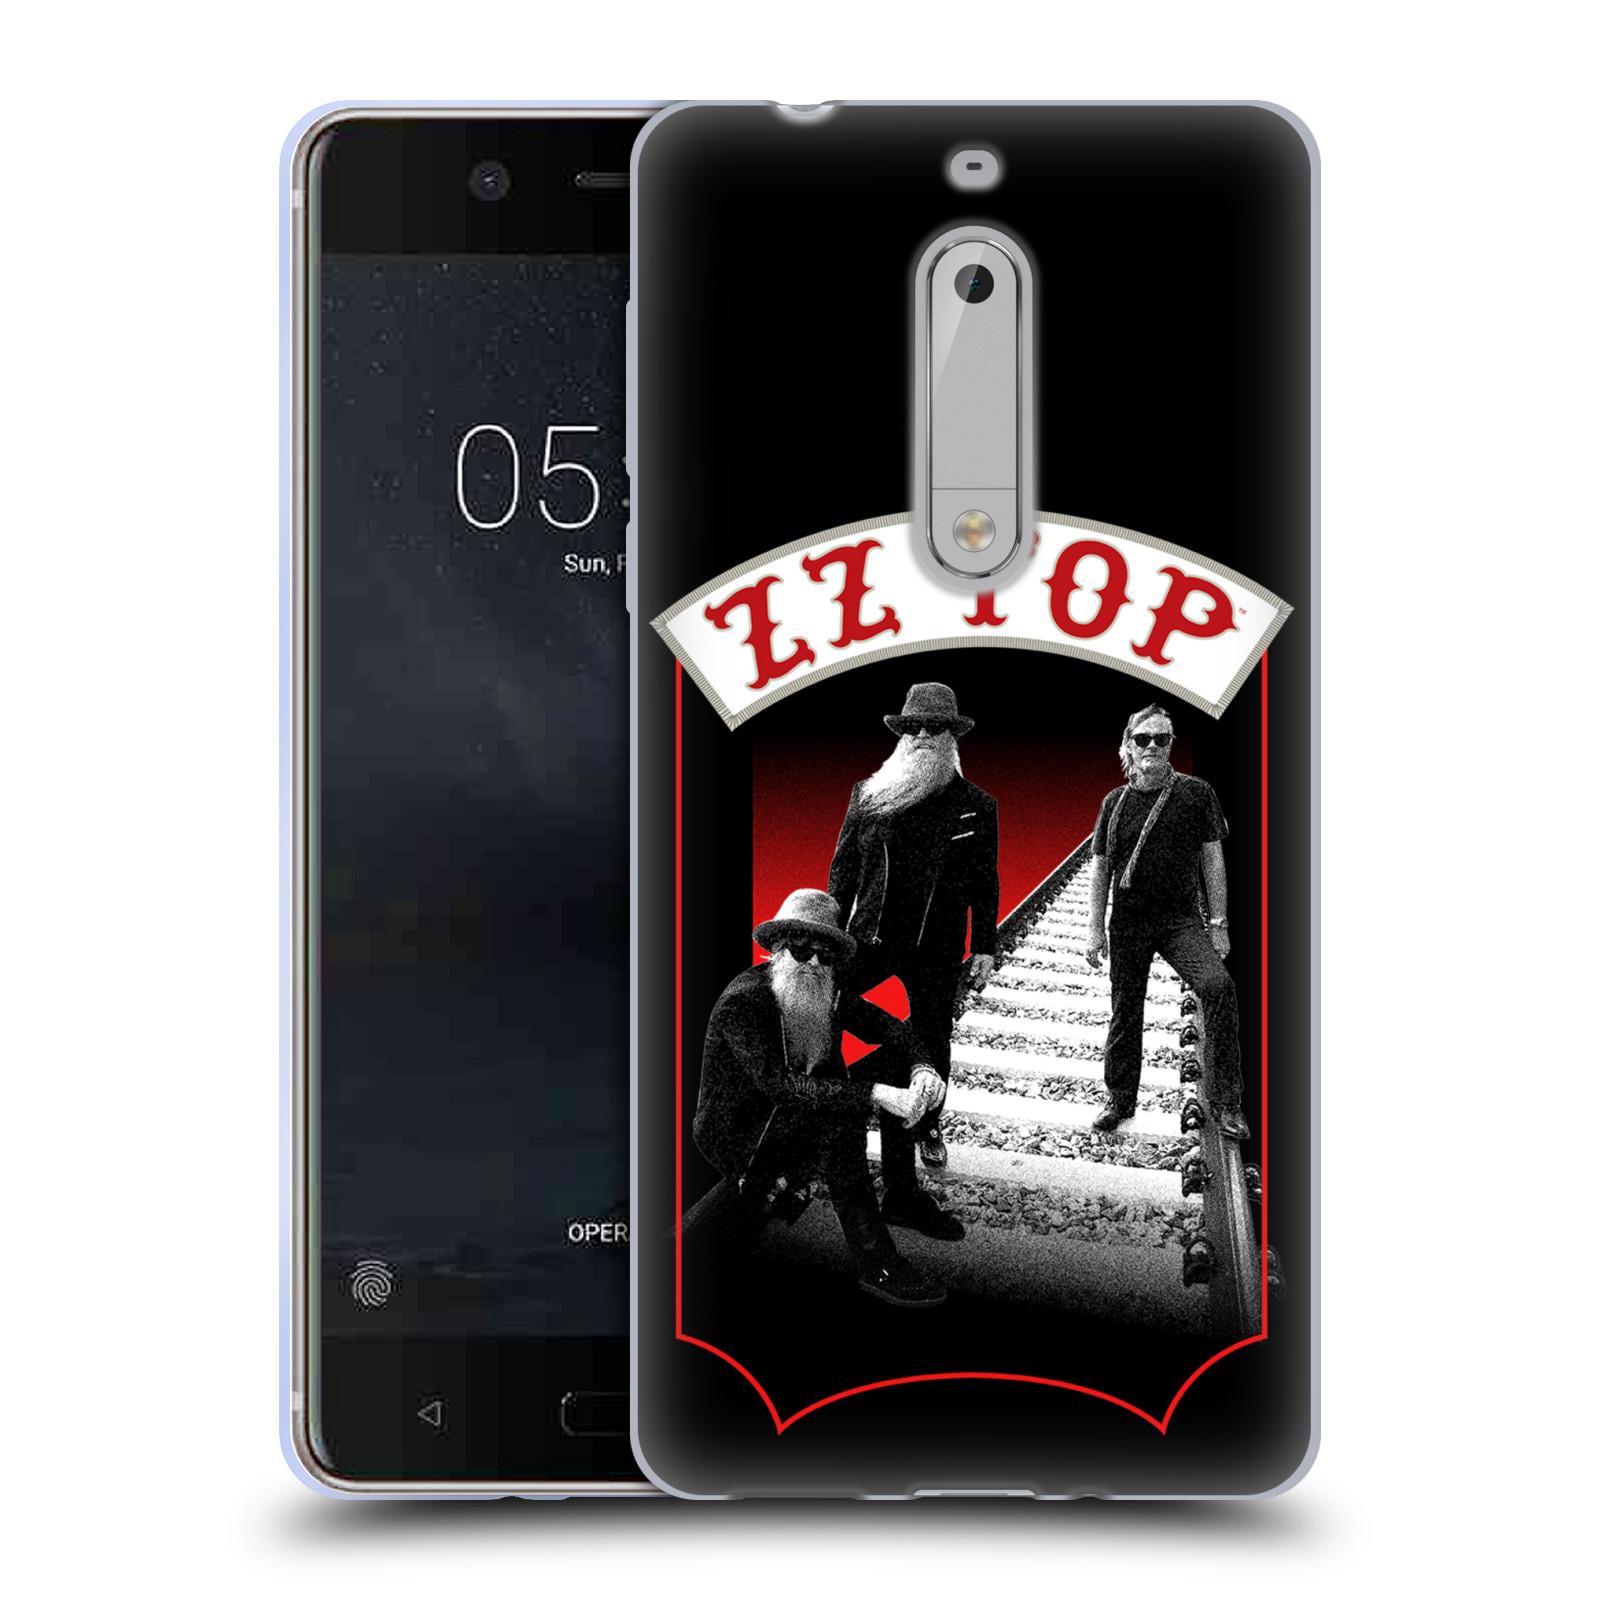 HEAD CASE silikonový obal na mobil Nokia 5 ZZ Top koleje zpěváci